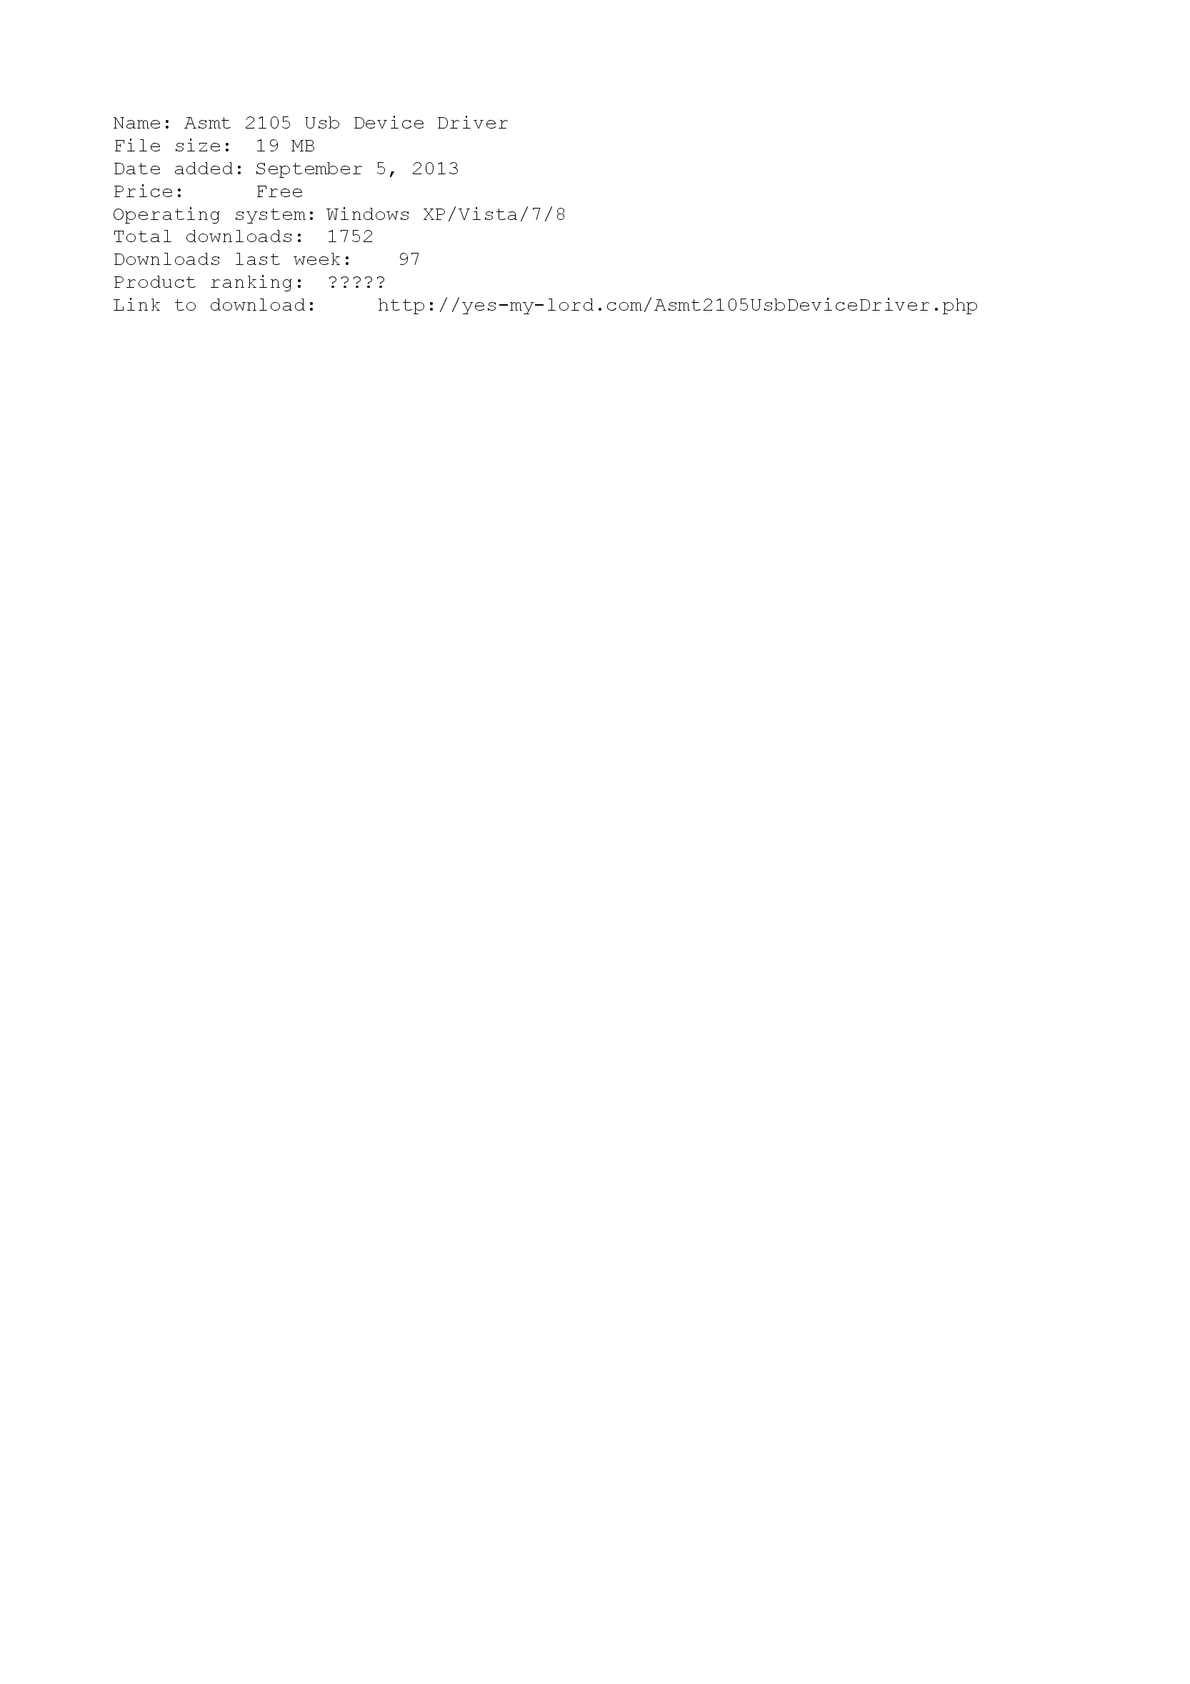 Asmt 2105 usb driver download.